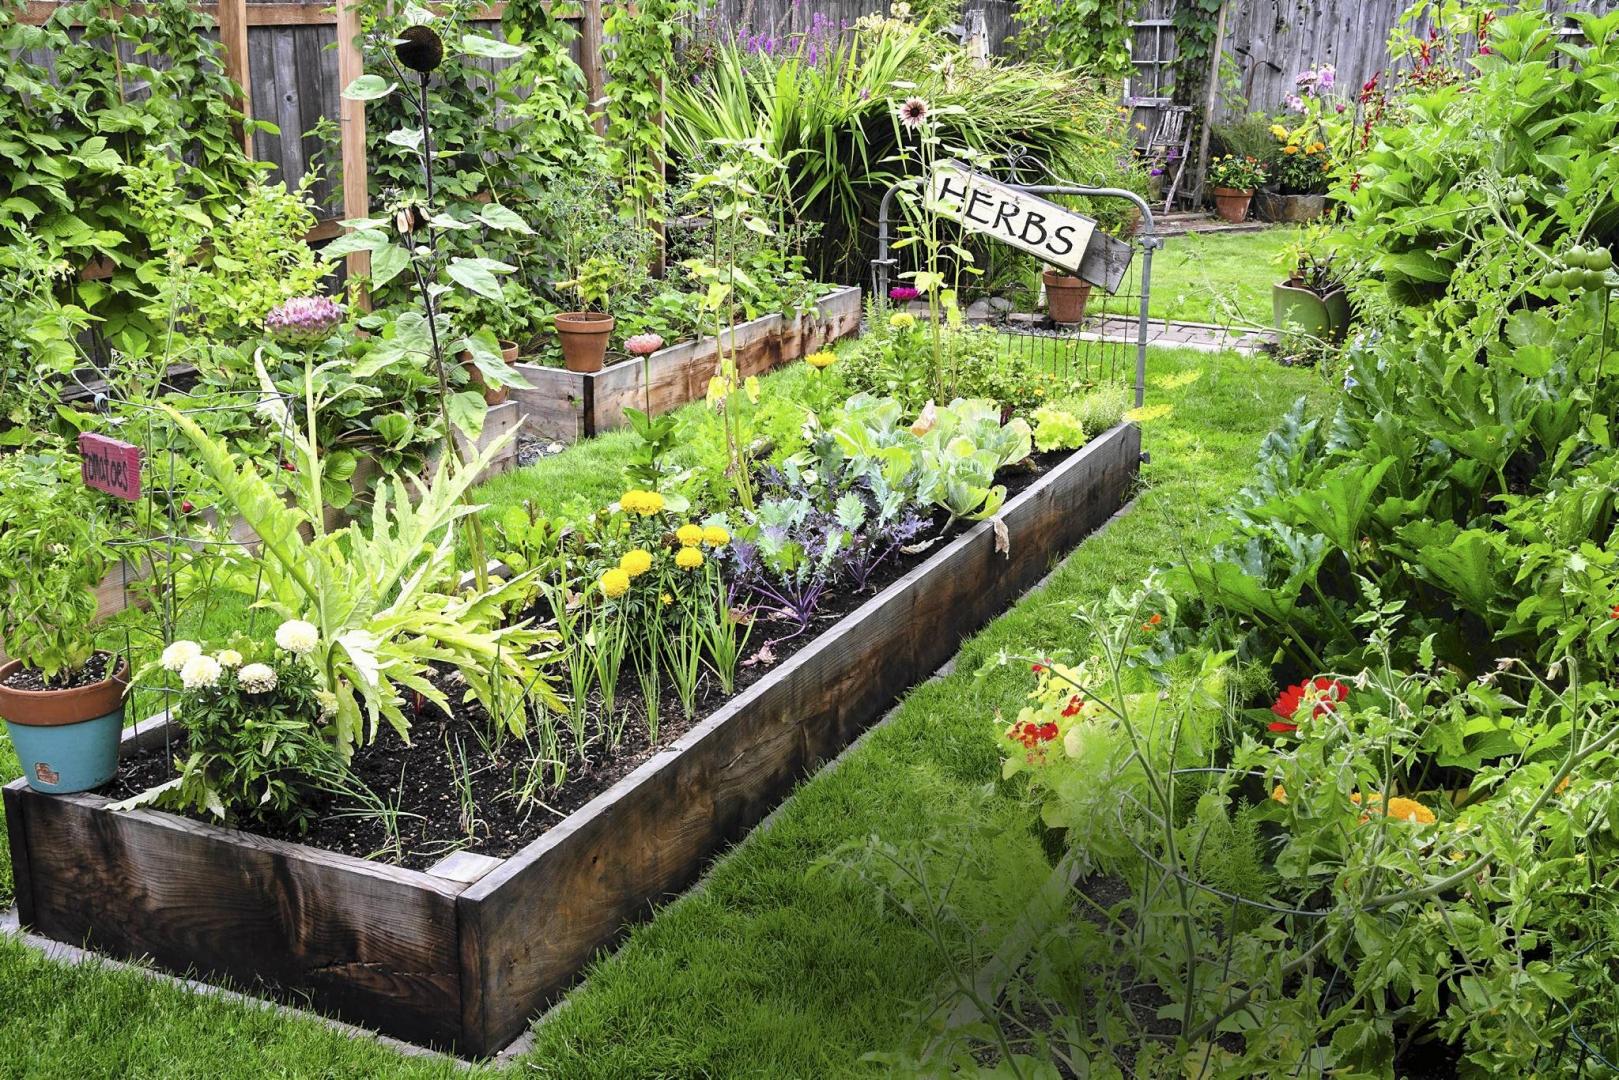 Z Czego Zrobić Podwyższoną Rabatę E Ogrody